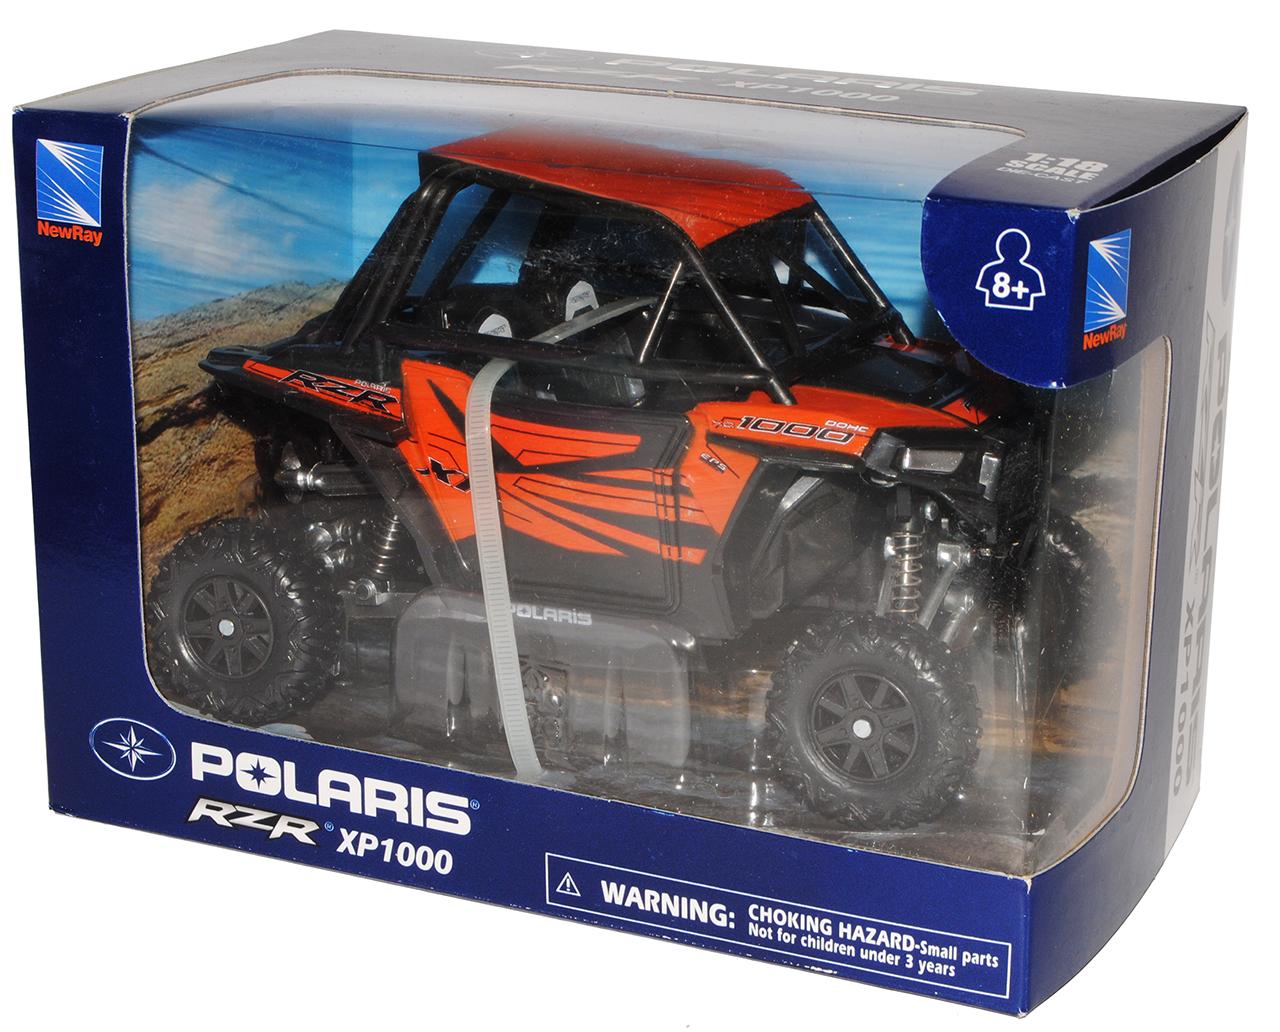 Locura de Polaris de RZR XP1000 EPS ATV naranja 1//18 nueva ray modelo moto con Oda...